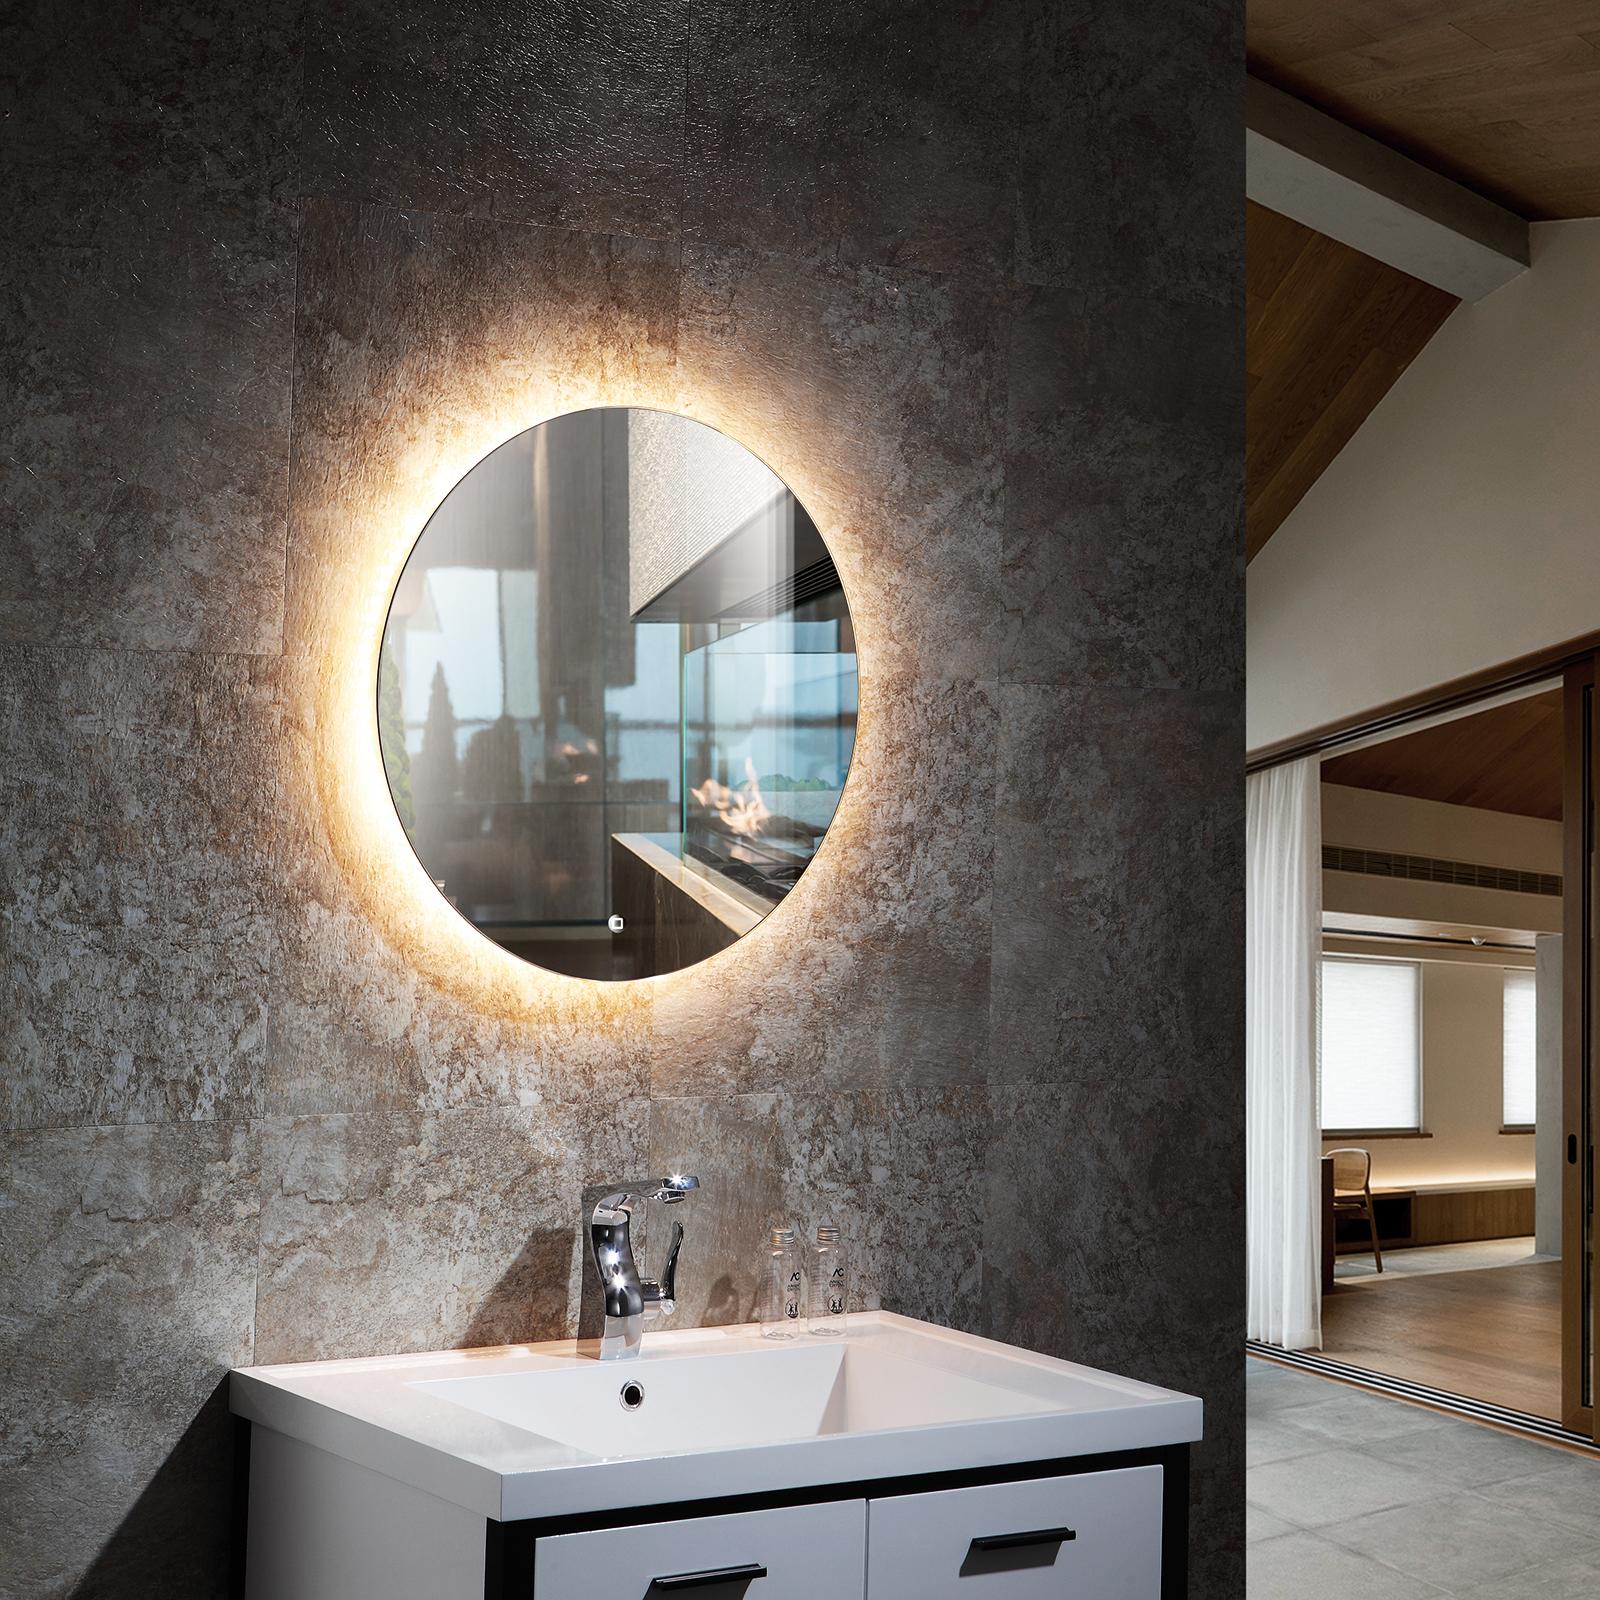 LED Lichtspiegel Badspiegel 20 mit Spiegelheizung &  Warm /Kaltlichteinstellung   Rund Ø 20 cm